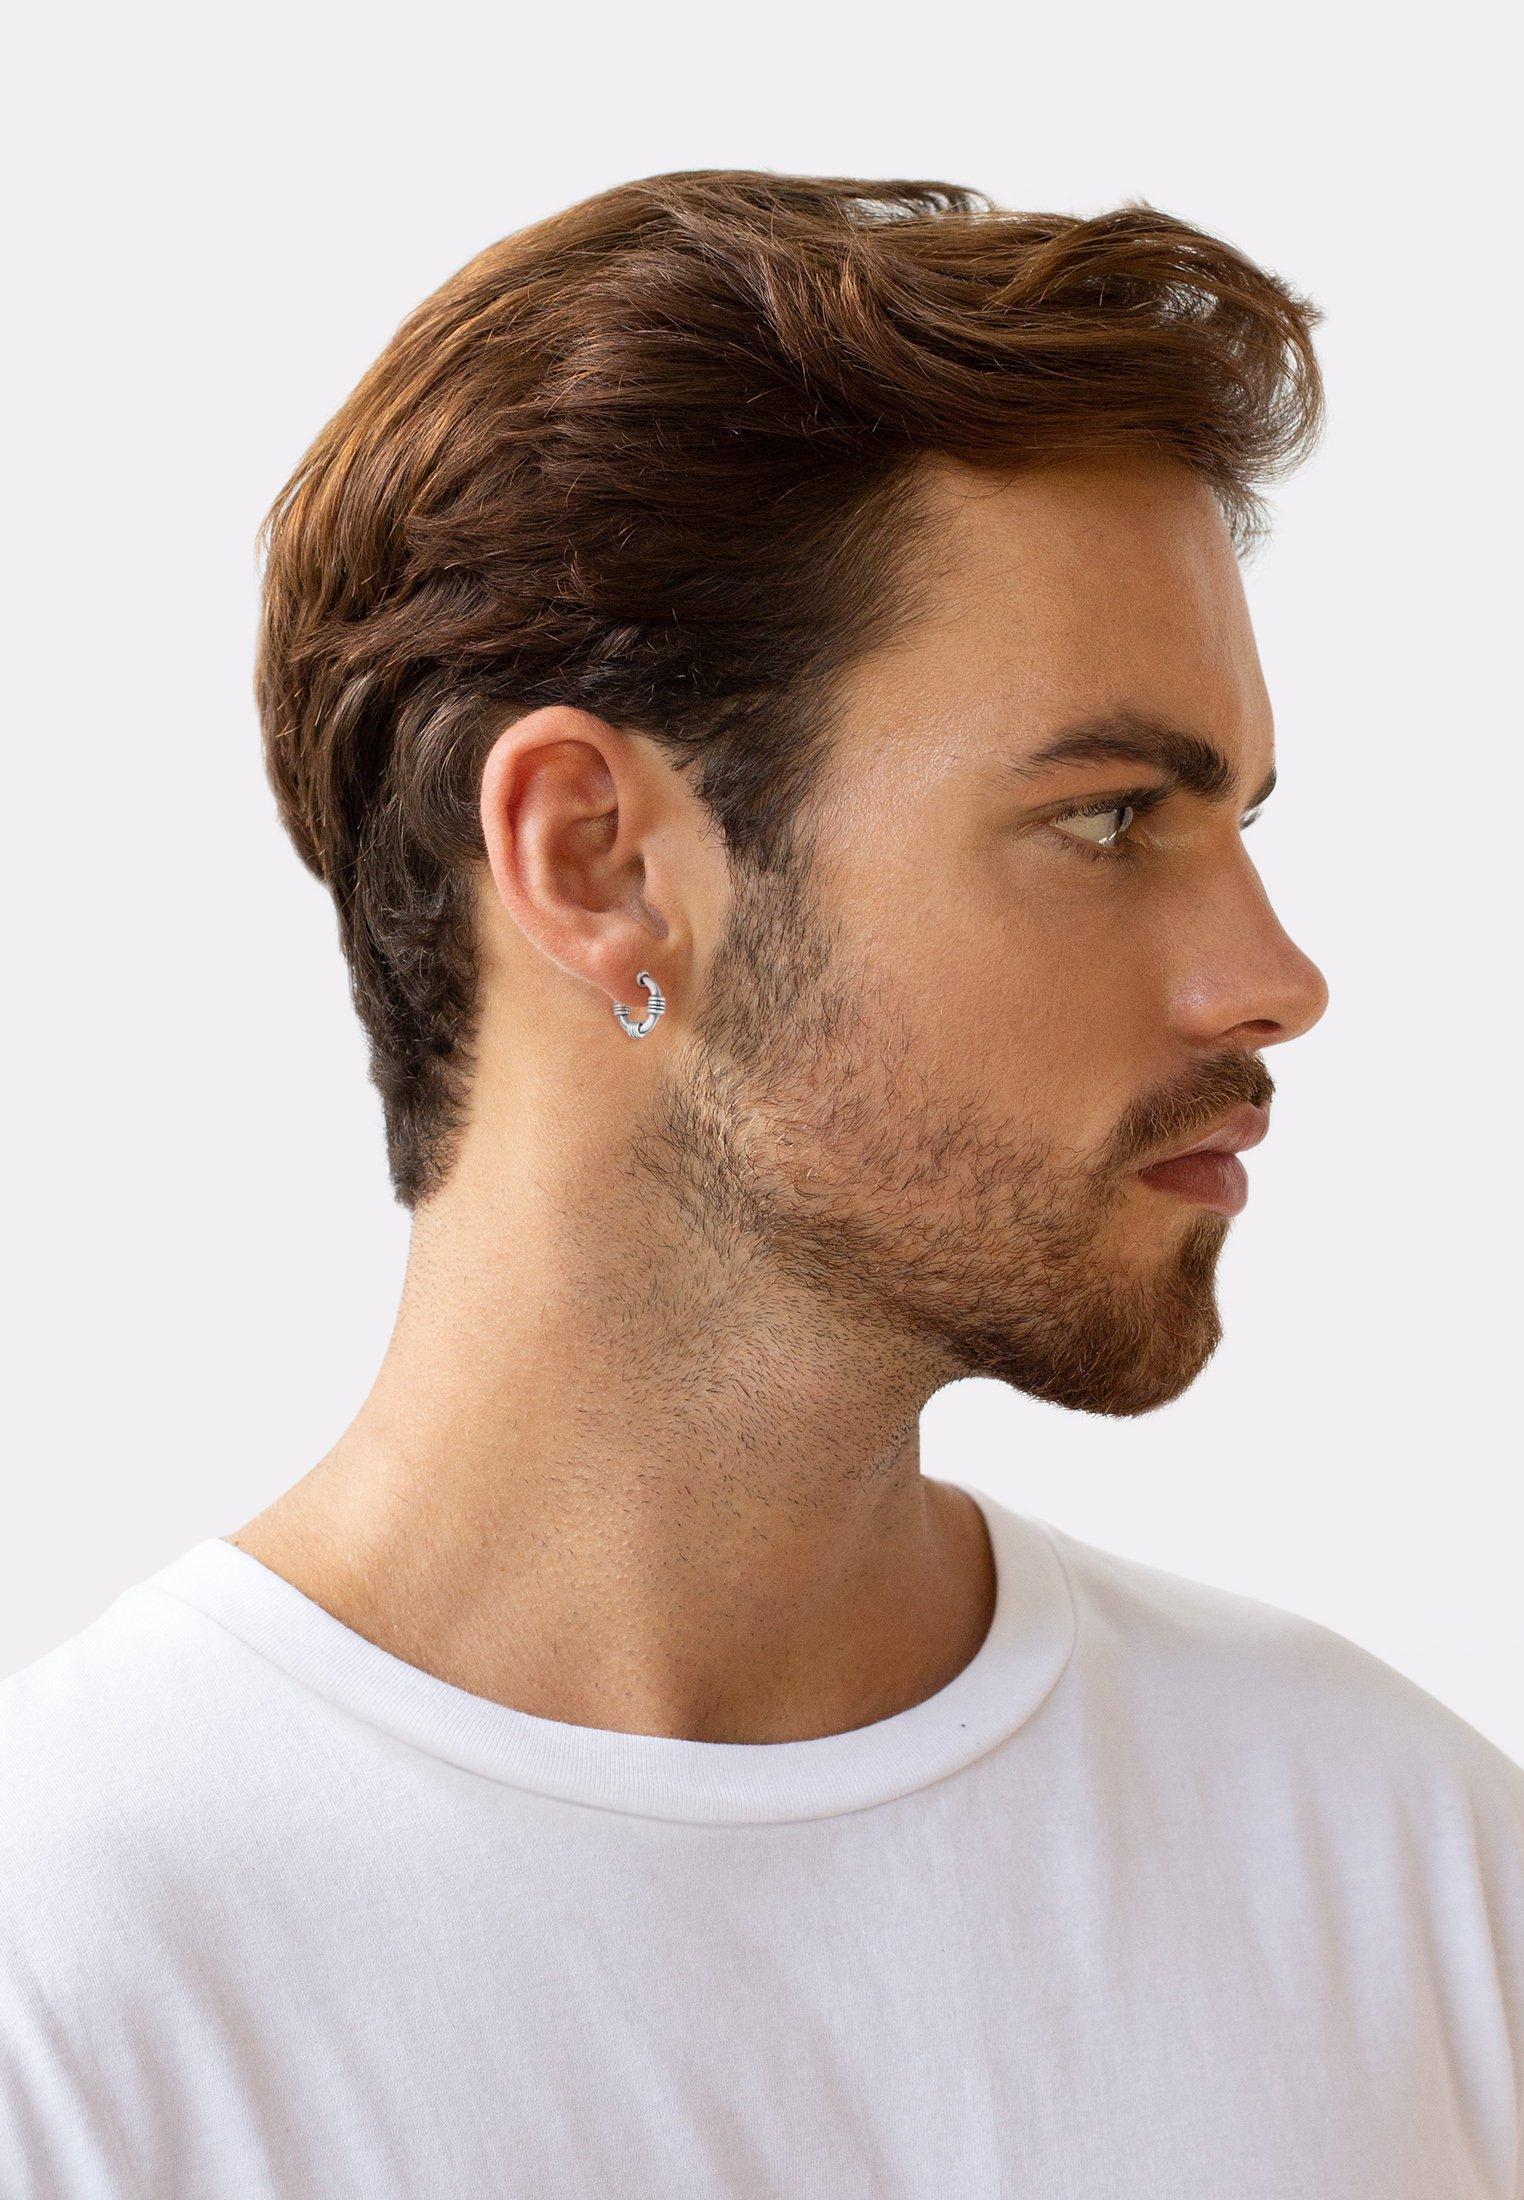 Homme HOOPS MINIMAL VINTAGE - Boucles d'oreilles